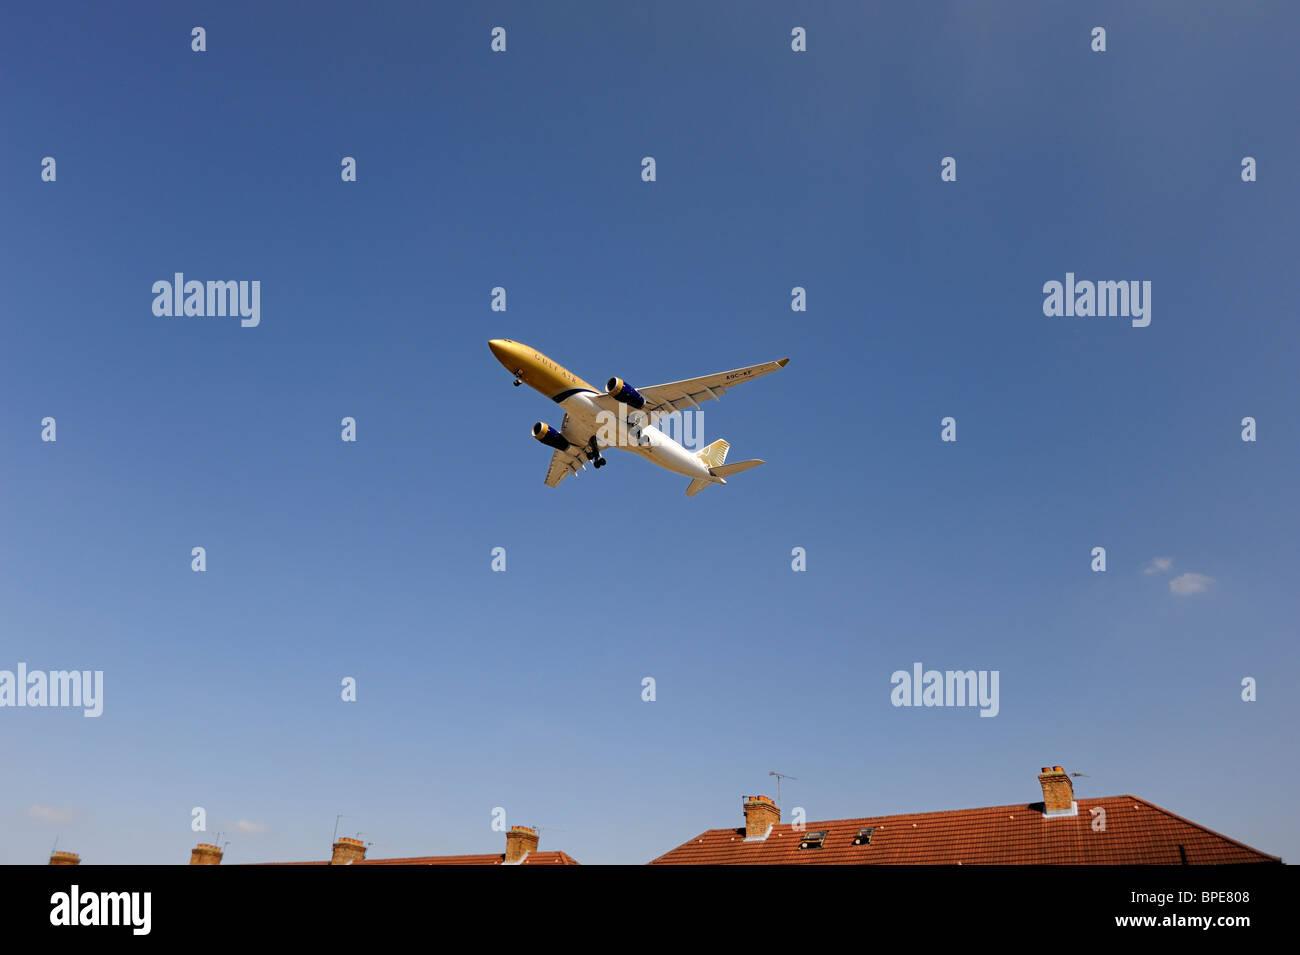 Gulf Air vol d'un avion à basse altitude au-dessus house avant l'atterrissage Banque D'Images